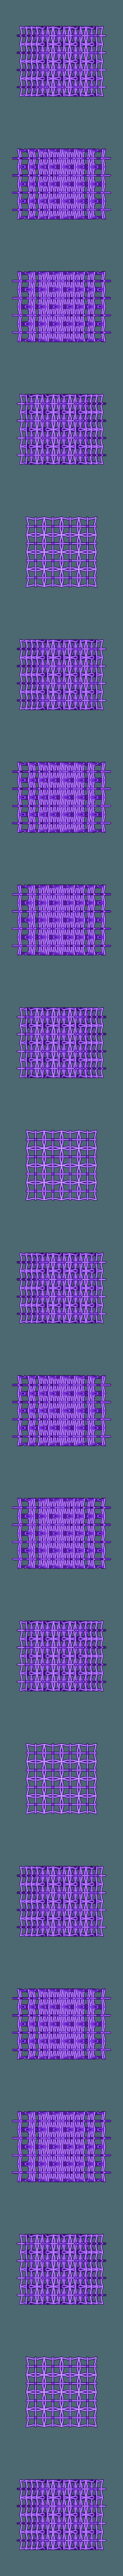 A3_8_4x4.stl Télécharger fichier STL gratuit Cellules de l'unité auxiliaire • Objet imprimable en 3D, sjpiper145